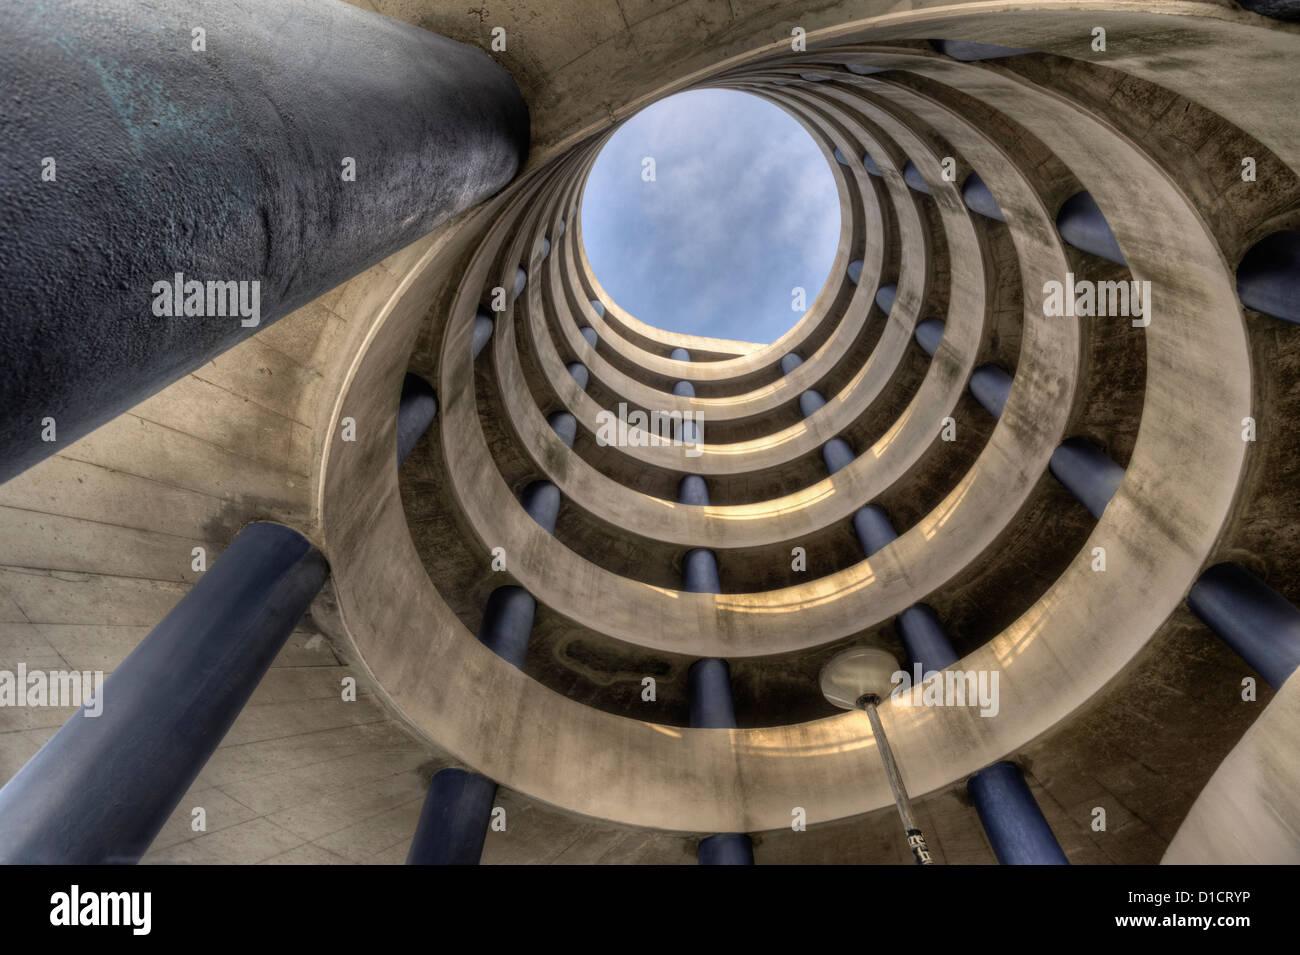 Spiraling concrete ramps of a large parking garage - Stock Image